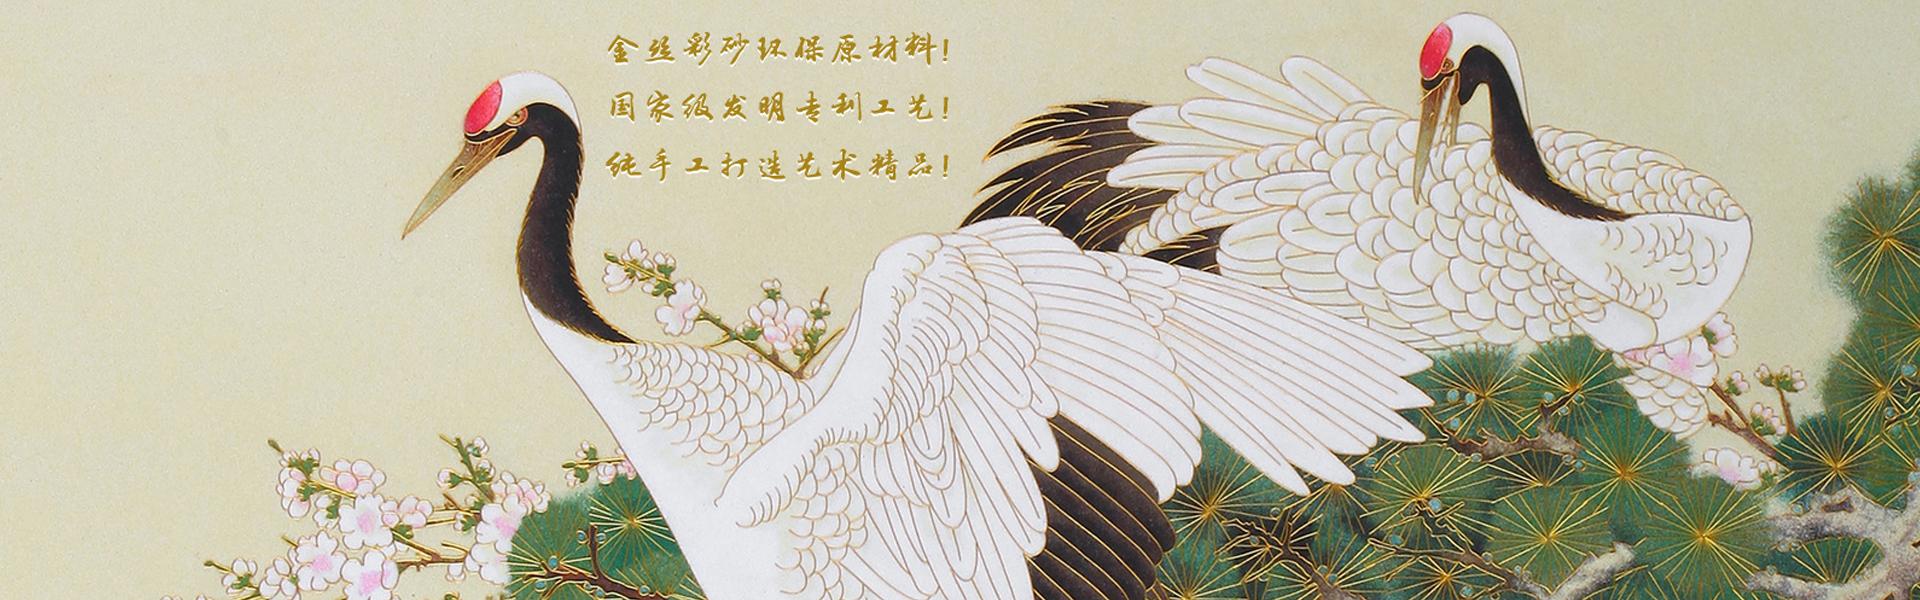 广州蓝雀工坊艺术品有限公司